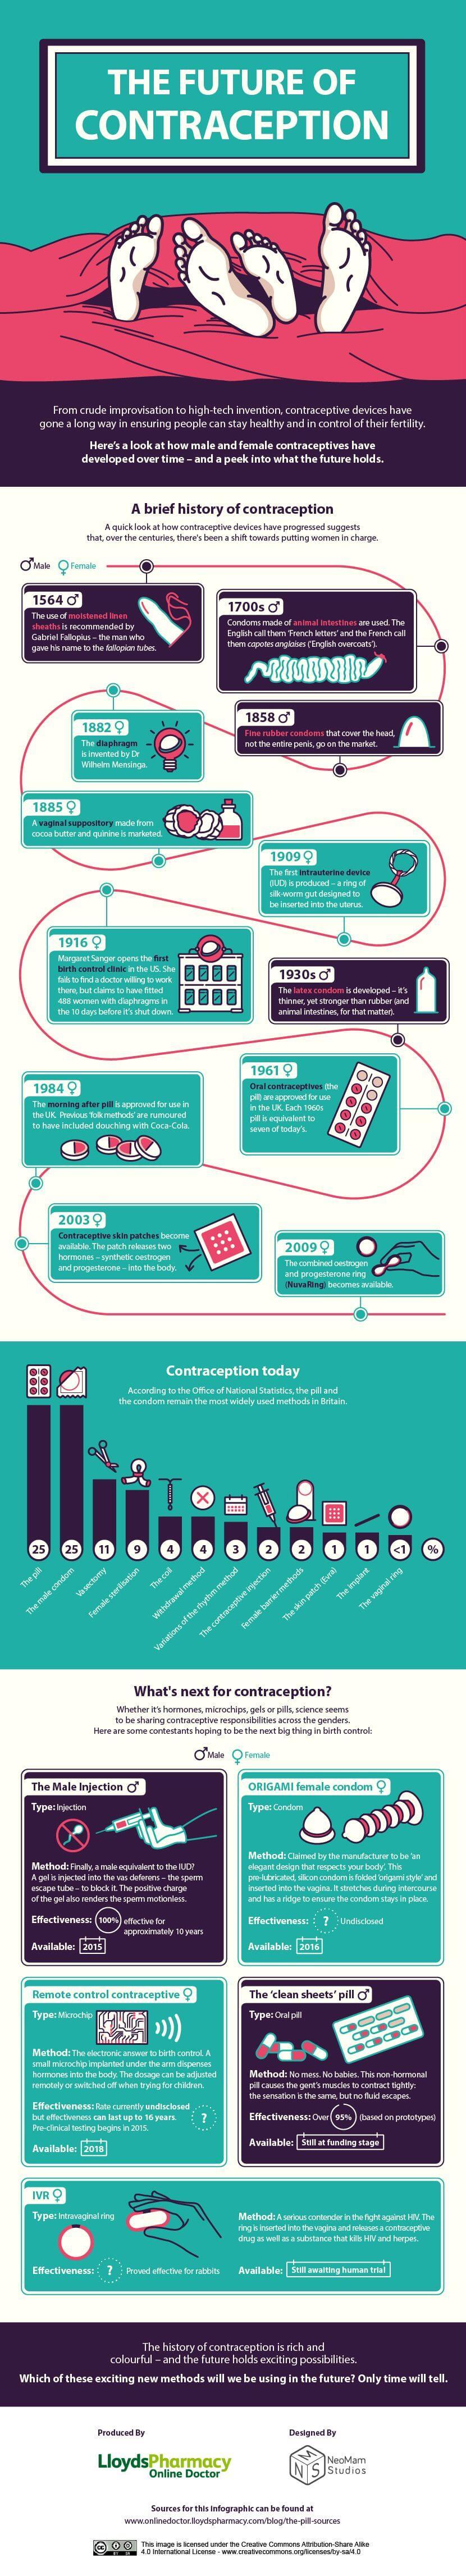 The Future of Contraception